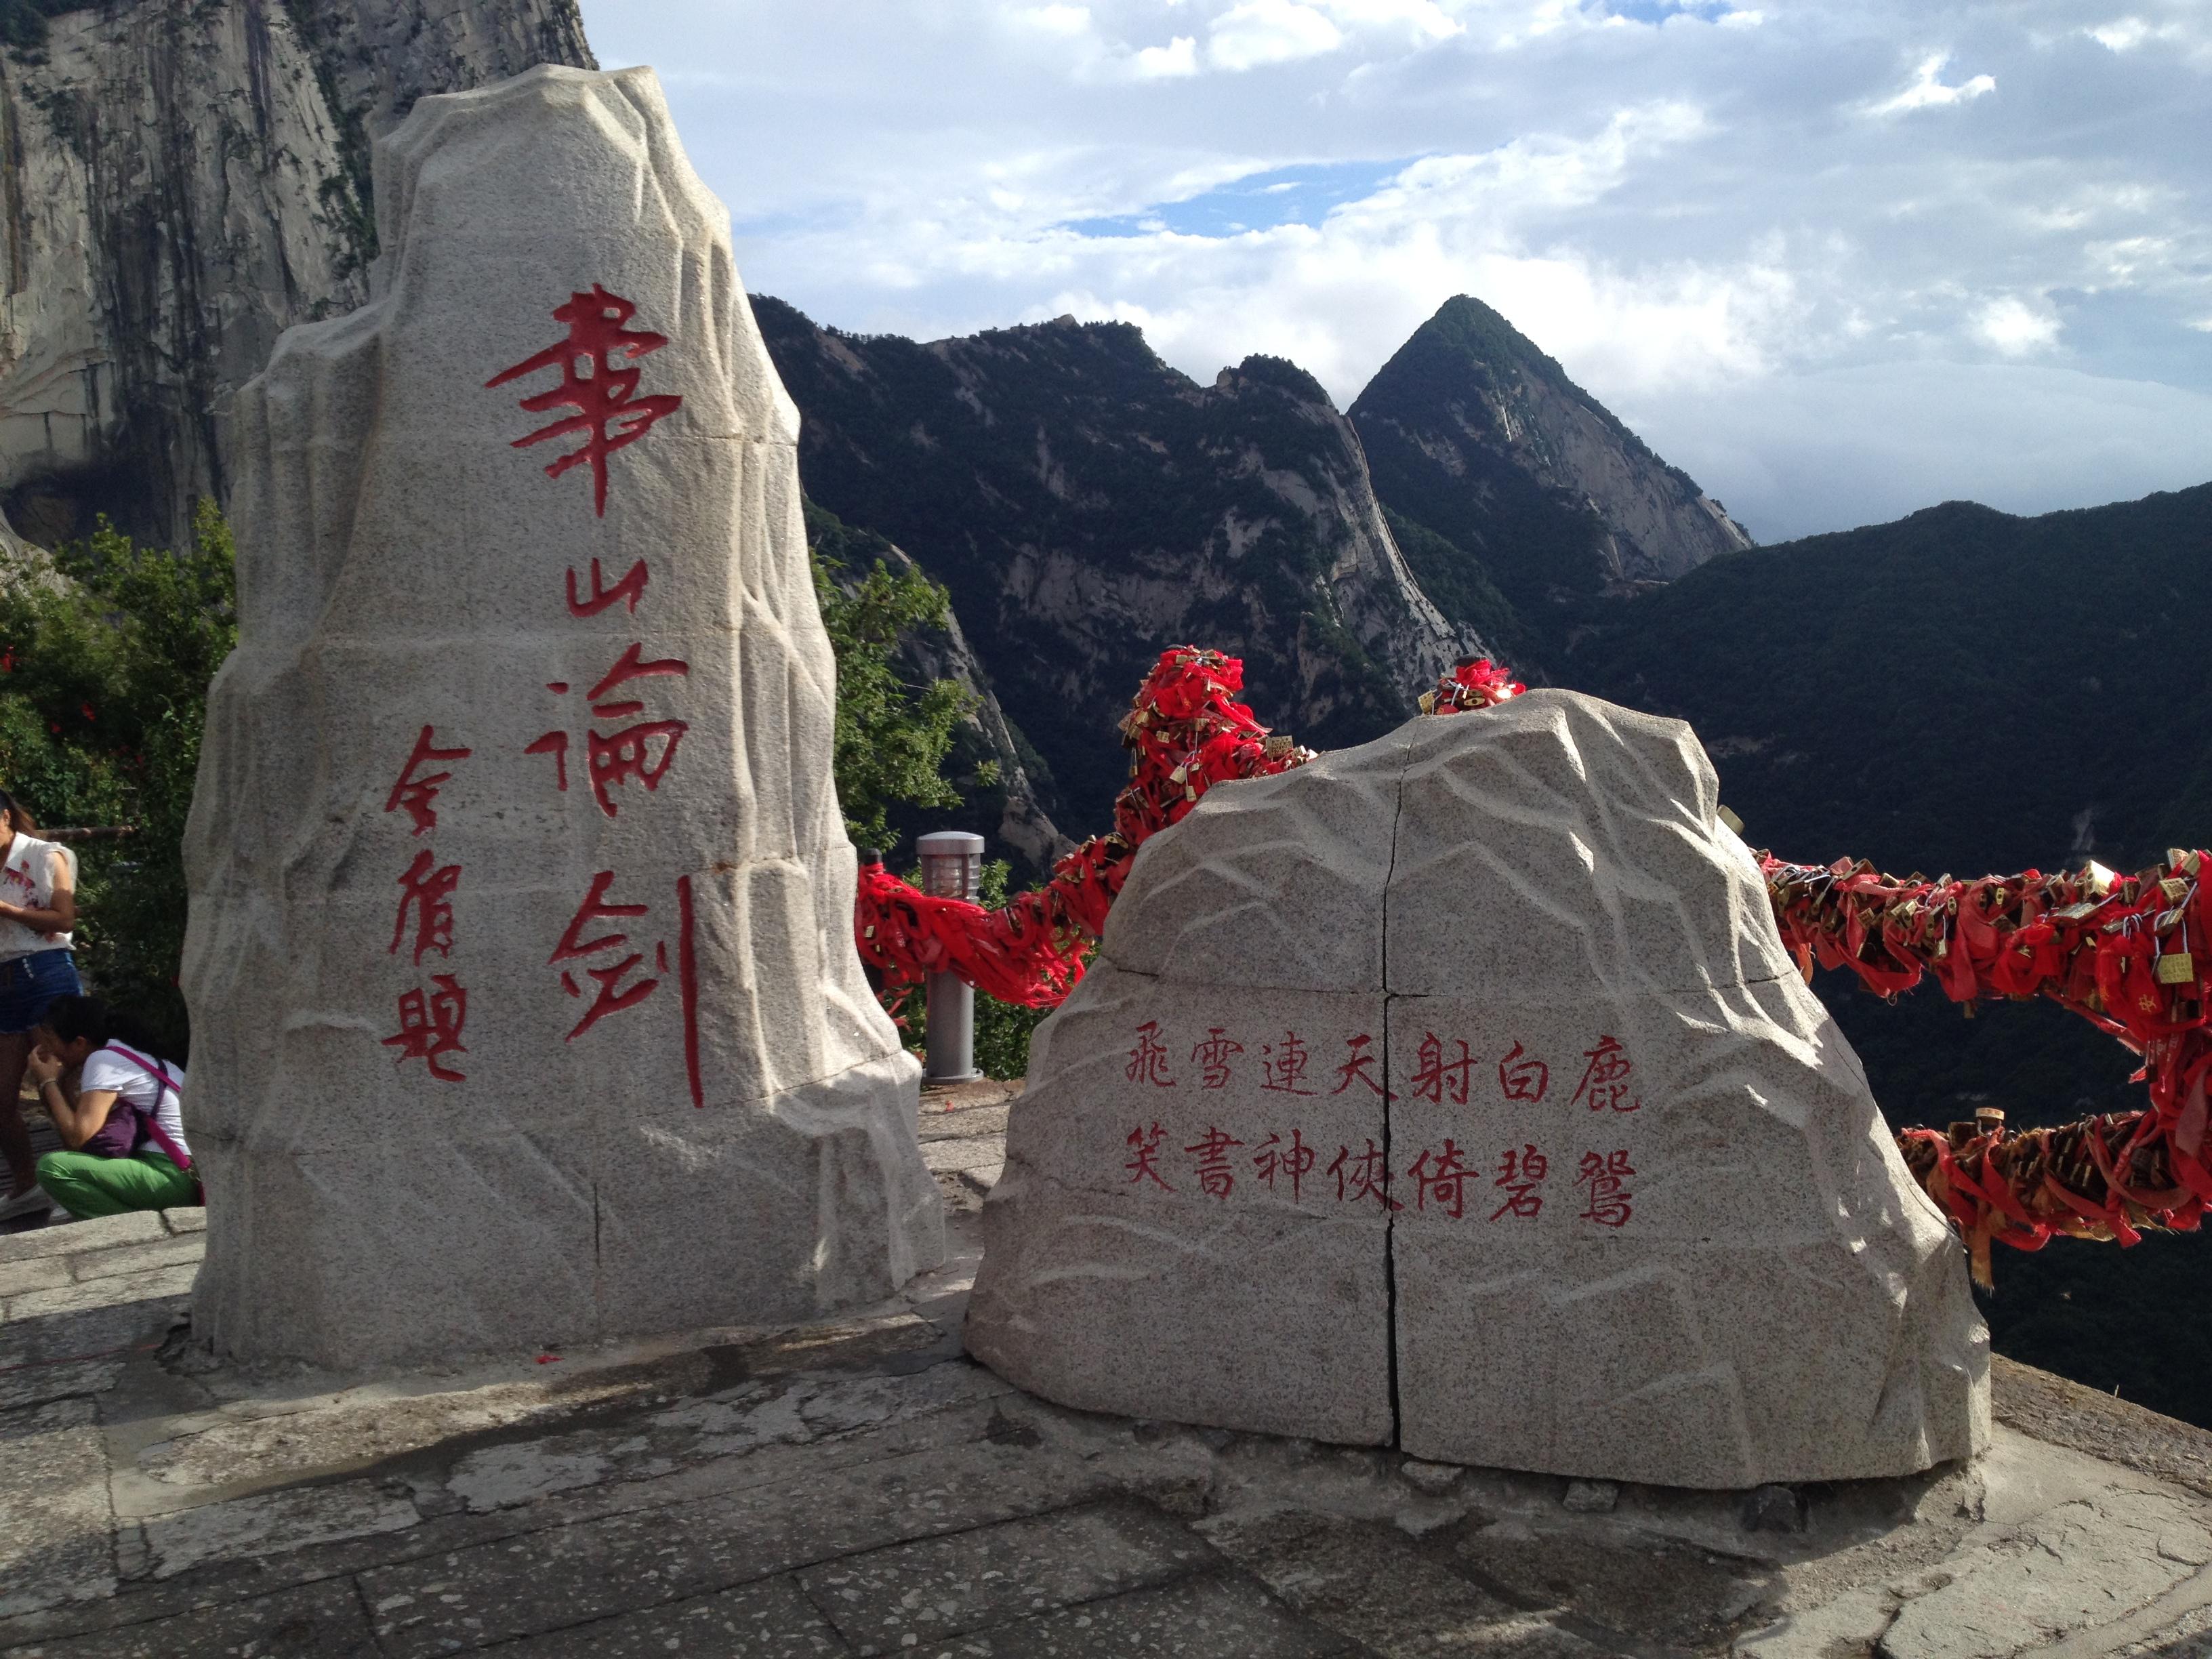 华山--- 华岳仙掌首一景,奇险灵秀